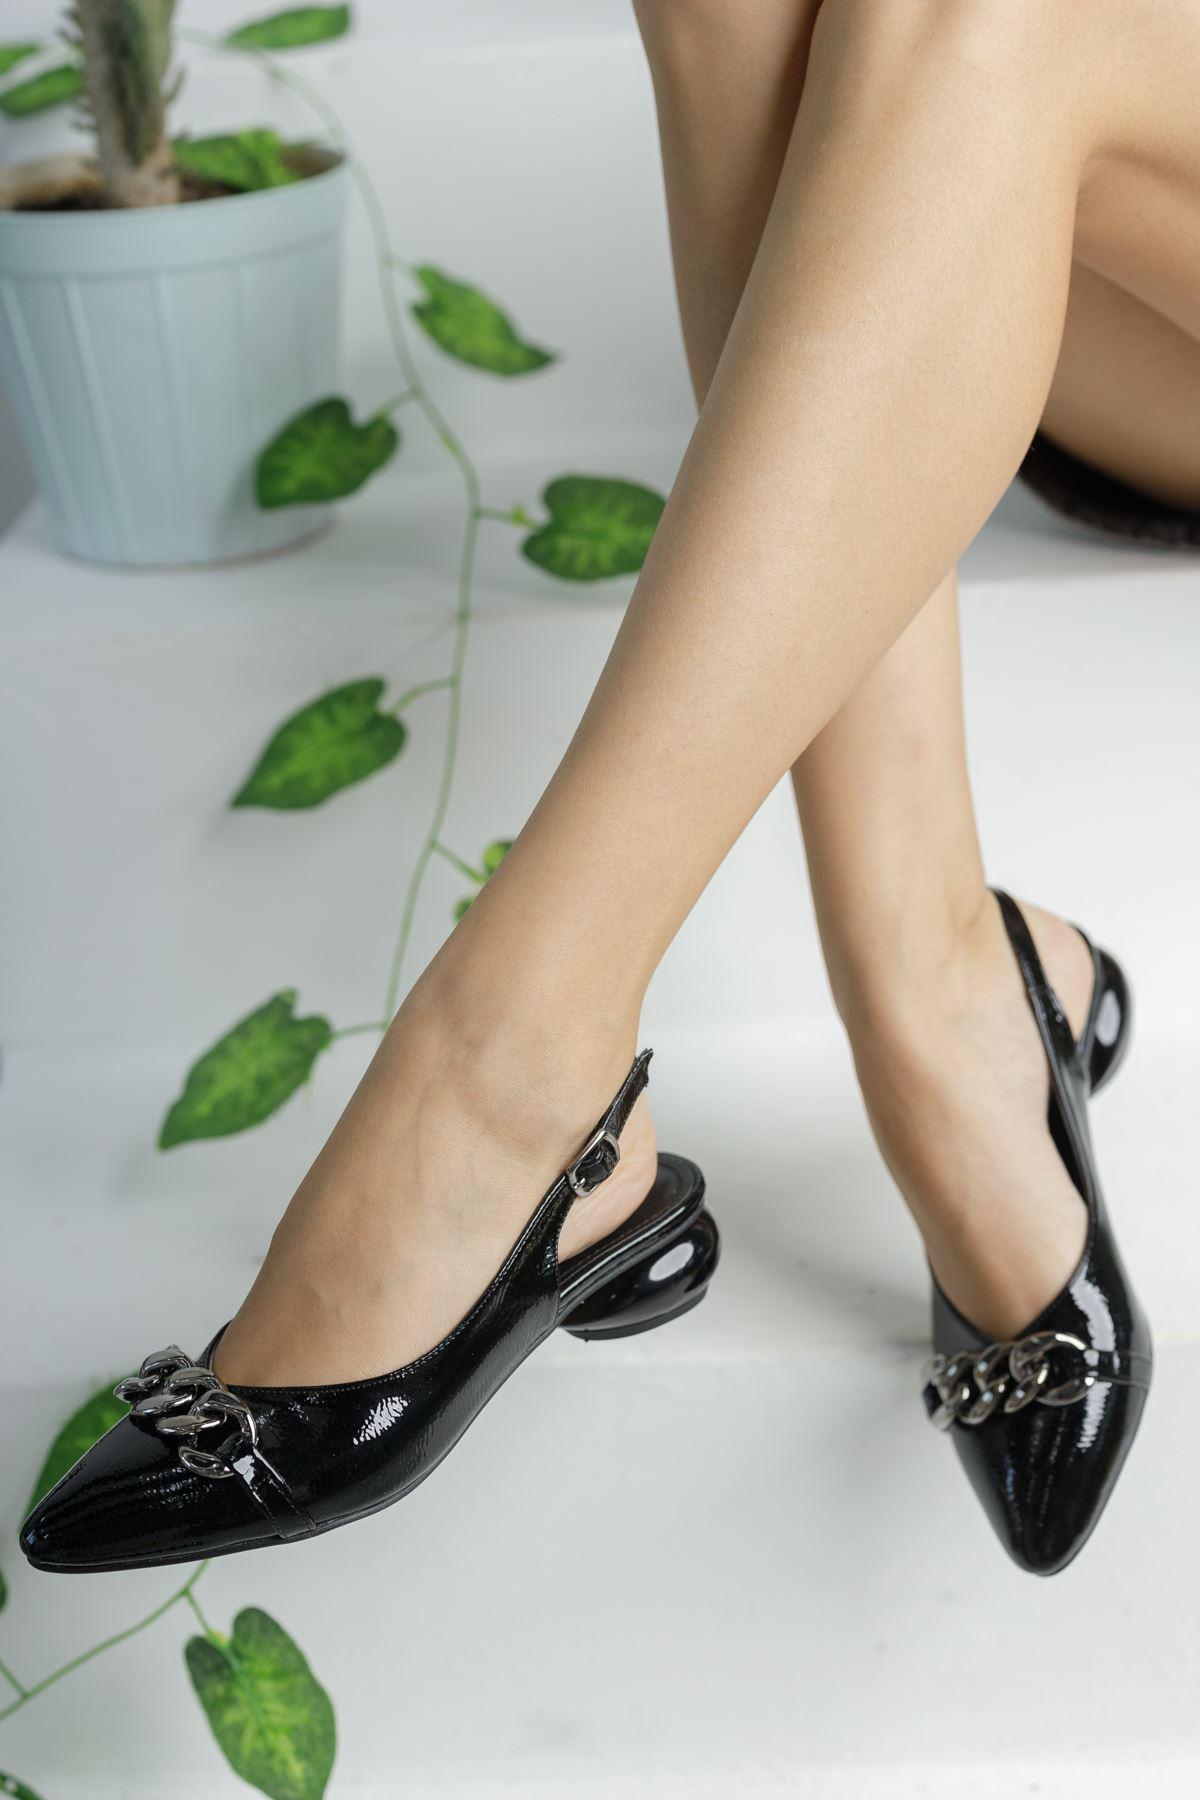 Siyah Rugan Zincir Detaylı Kısa Yuvarlak Topuklu Ayakkabı